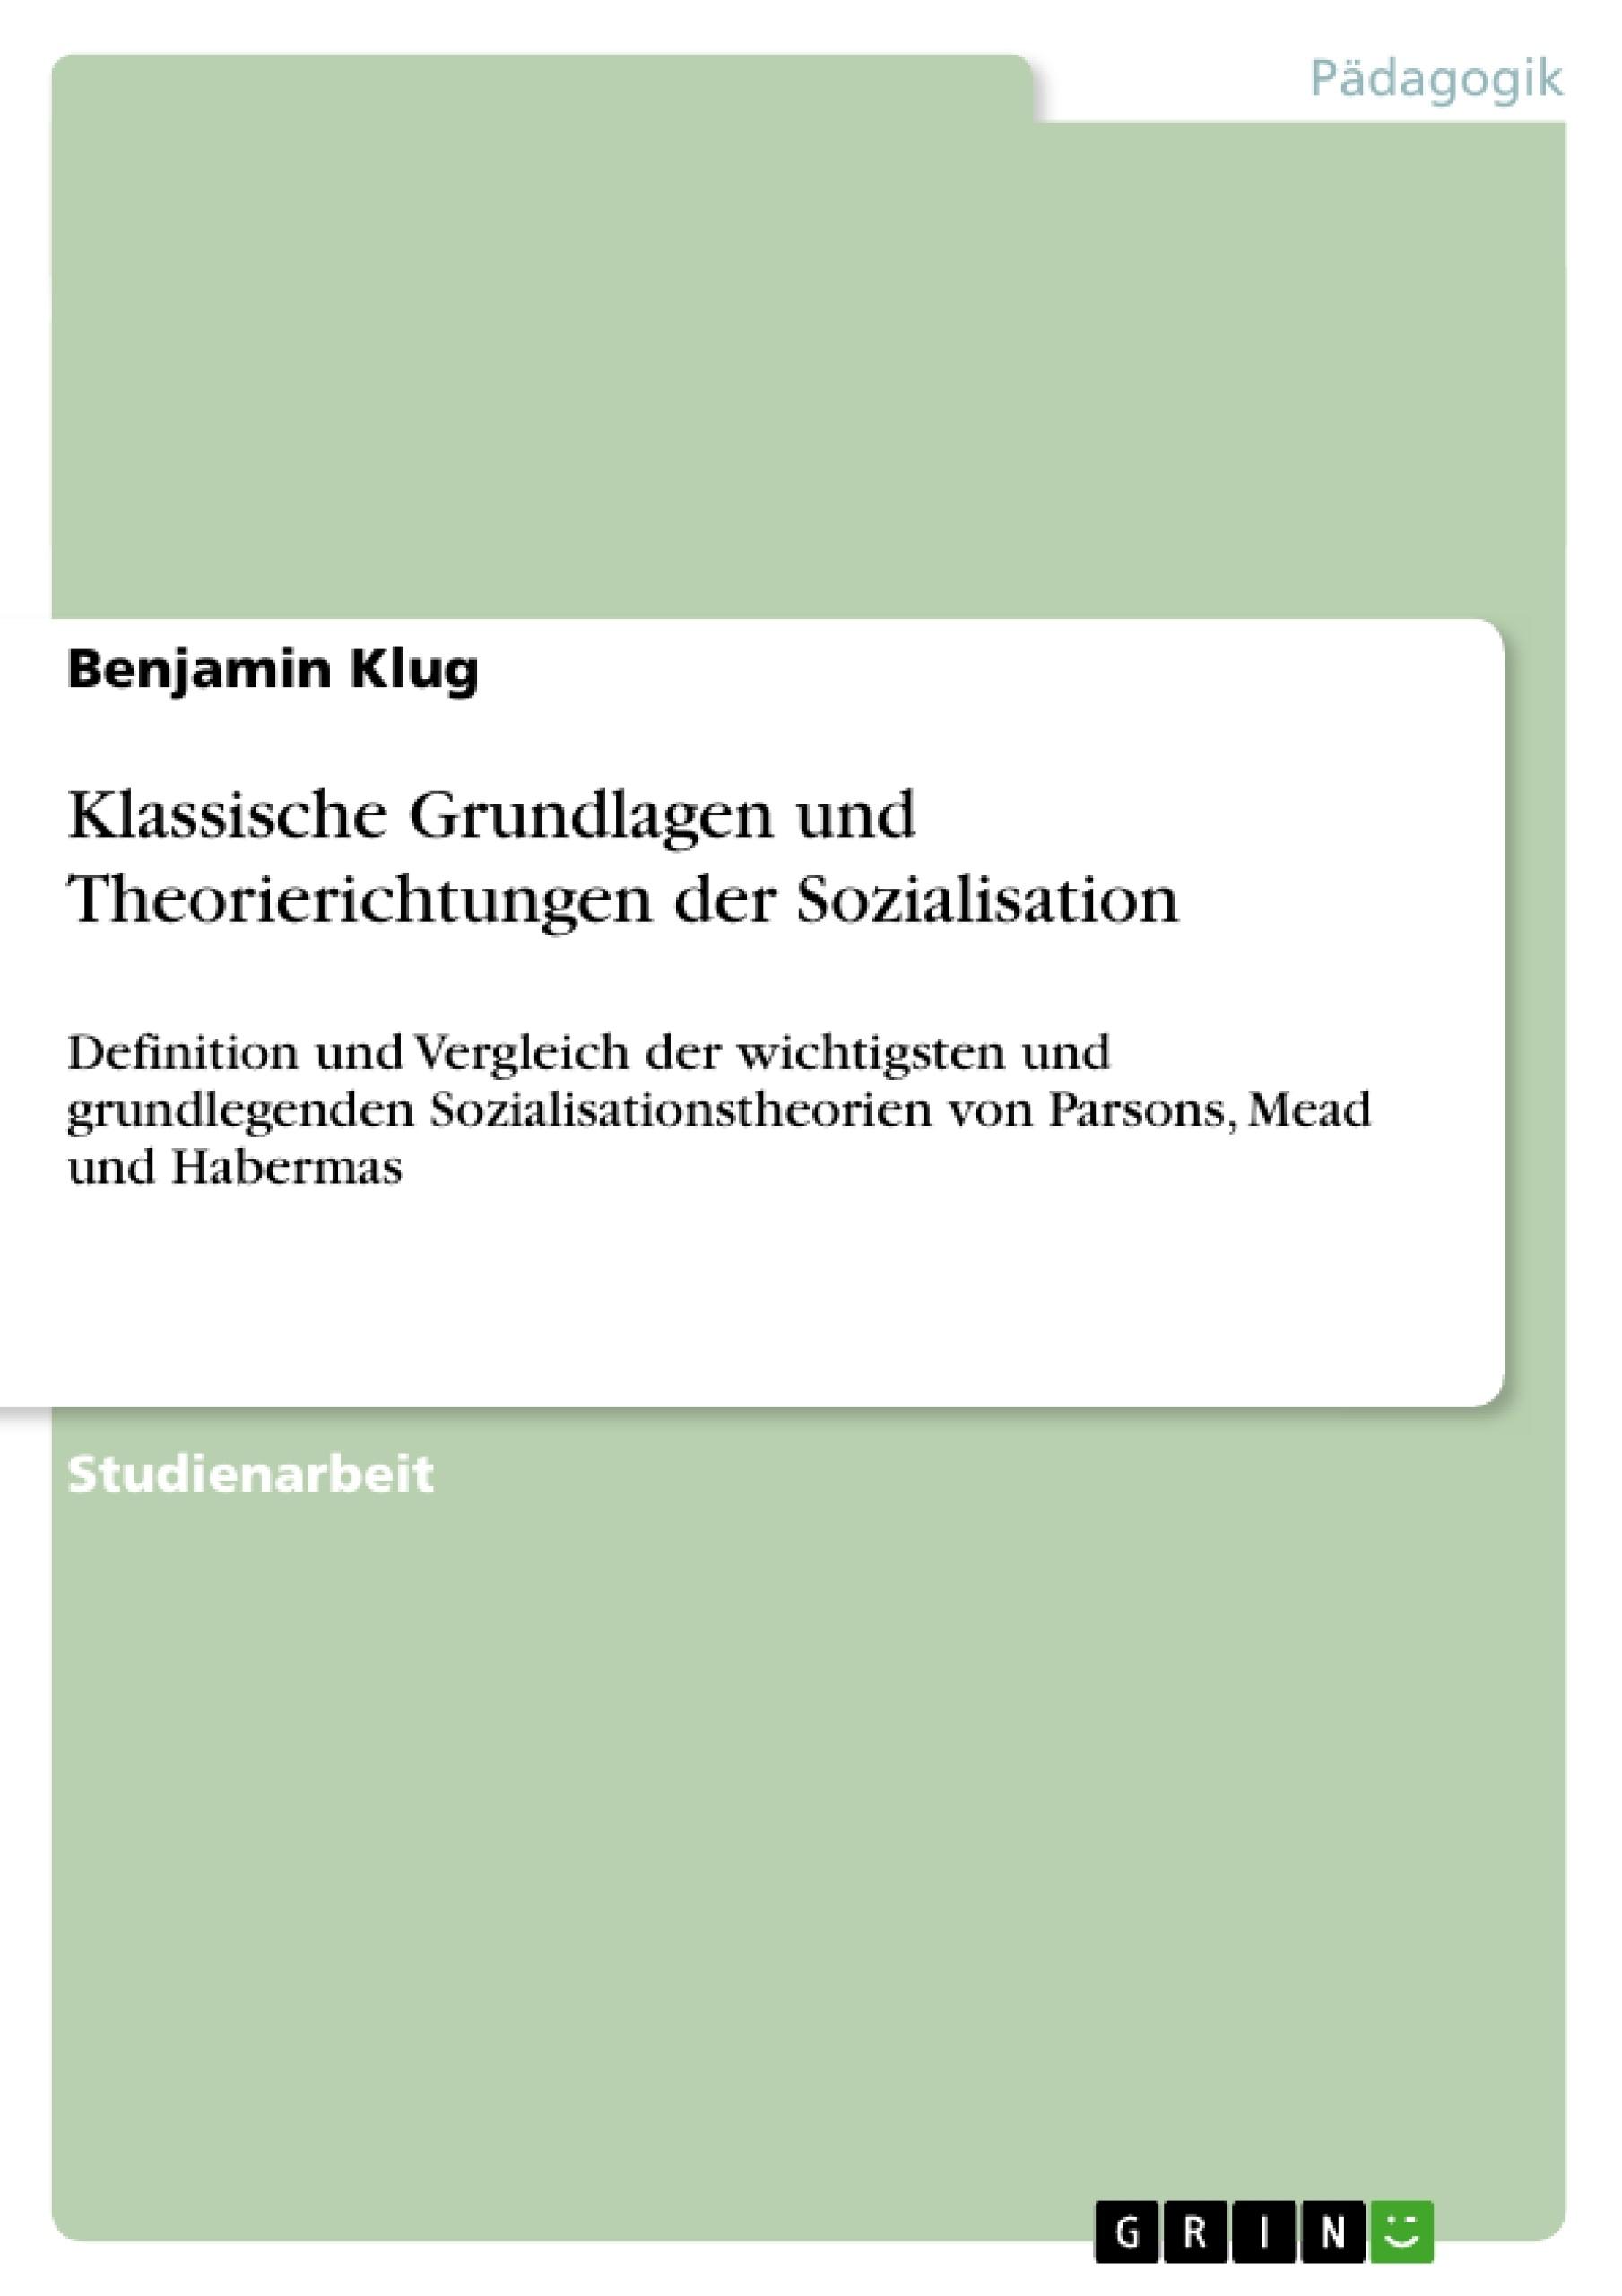 Titel: Klassische Grundlagen und Theorierichtungen der Sozialisation